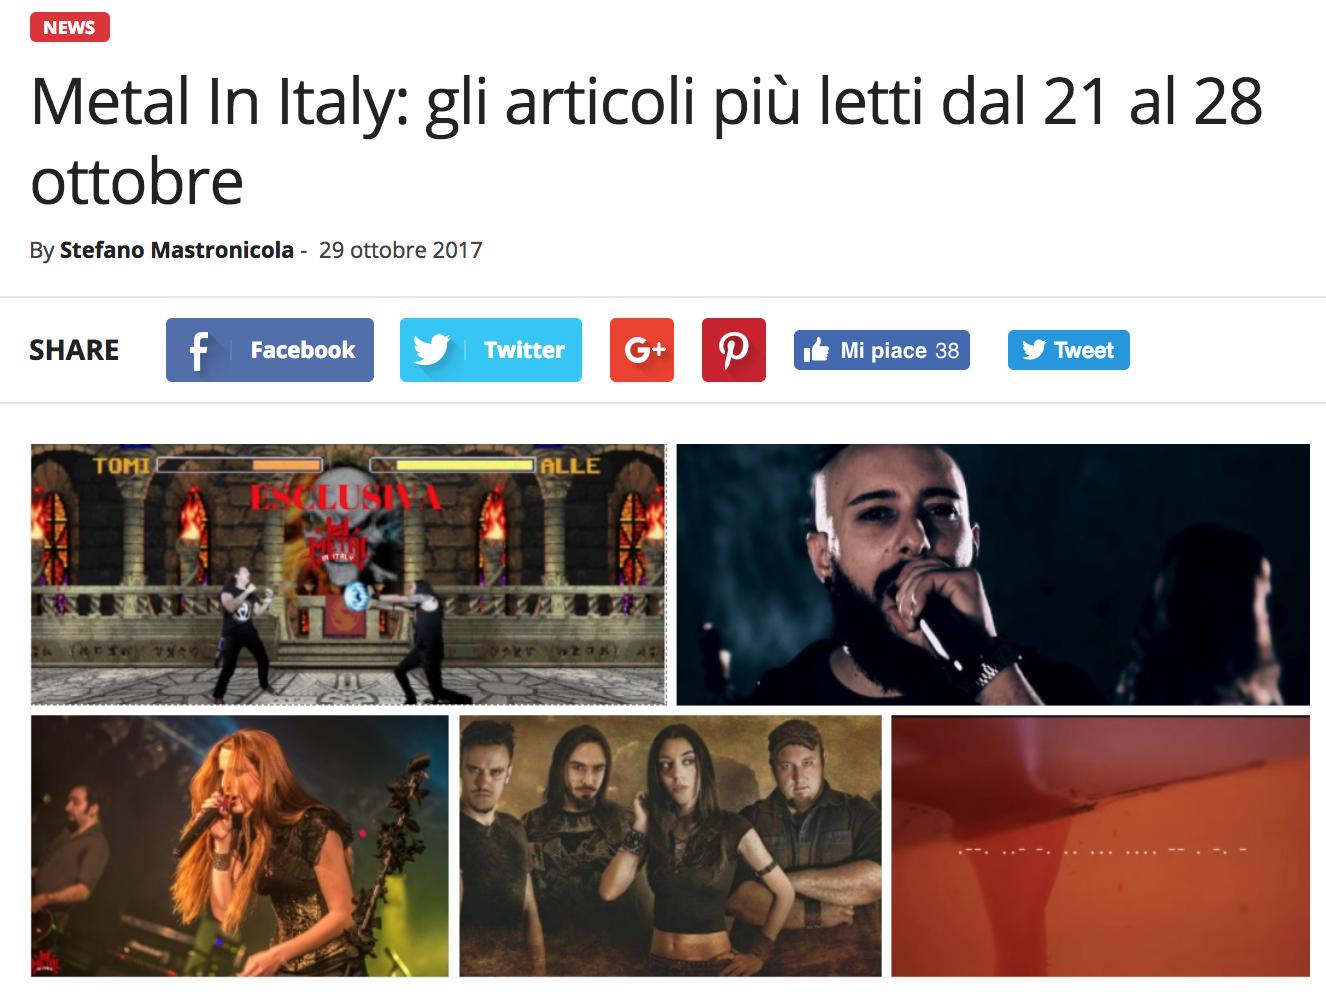 1° posto su Metal In Italy